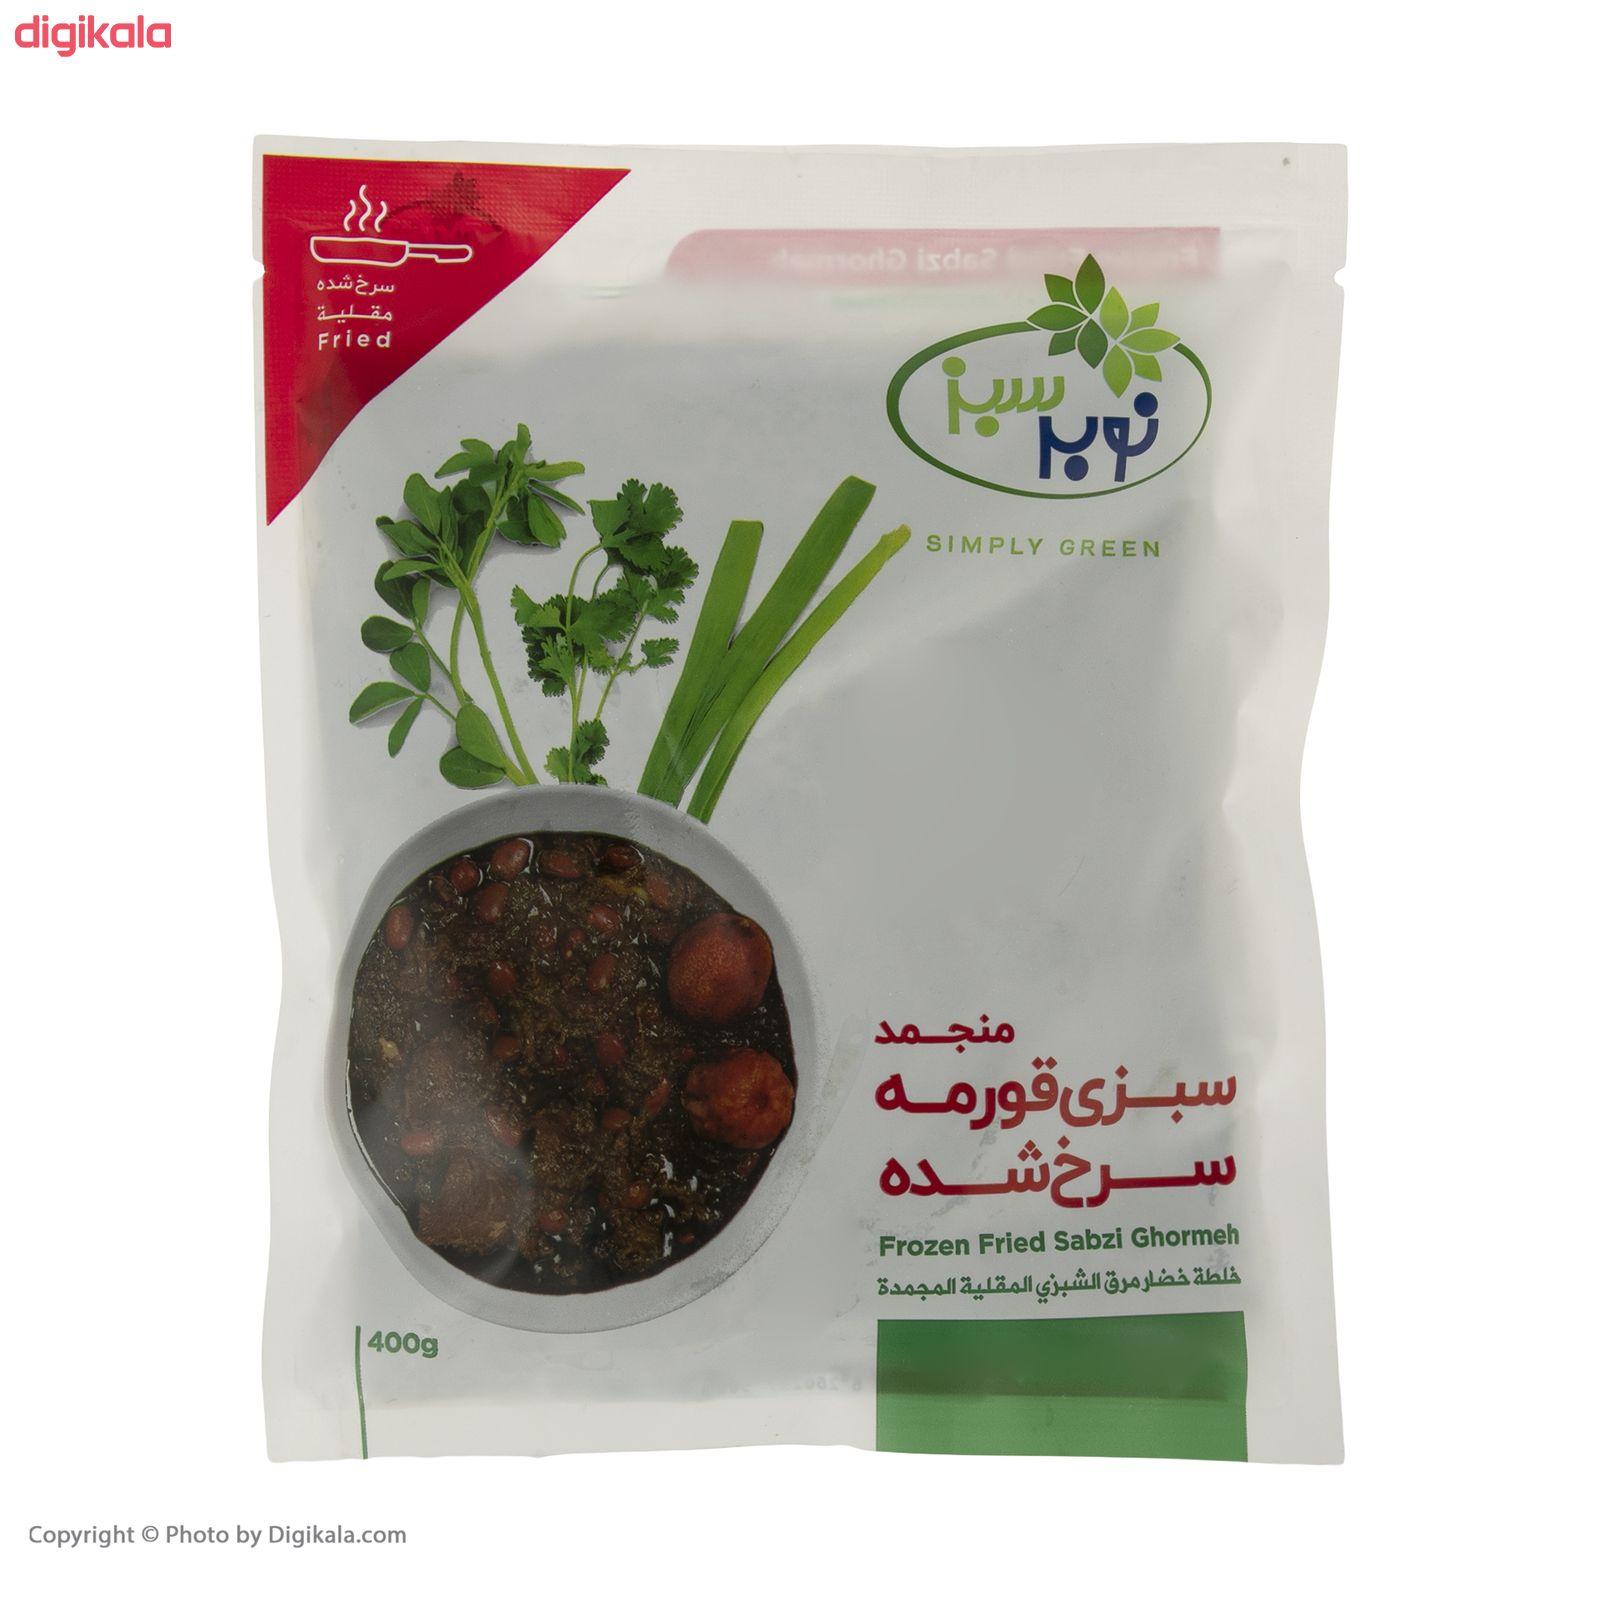 سبزی قورمه سرخ شده منجمد نوبر سبز مقدار 400 گرم main 1 1